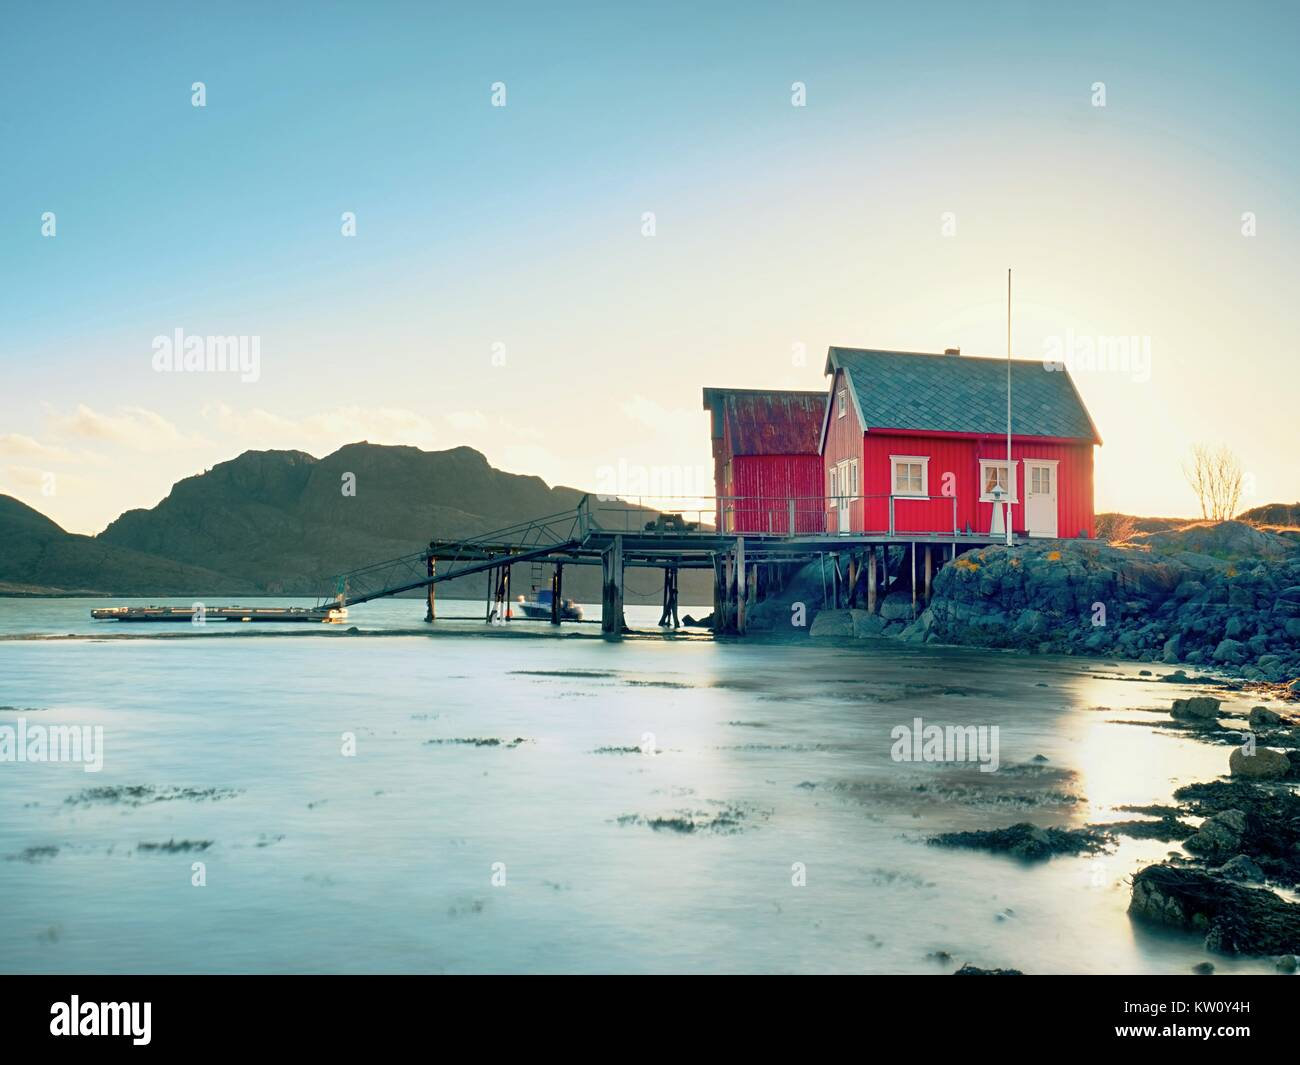 Coste norvegesi paesaggio con una tipica casa rossa. Rosso di legno casa sul mare, prima tiepida giornata di primavera. Immagini Stock